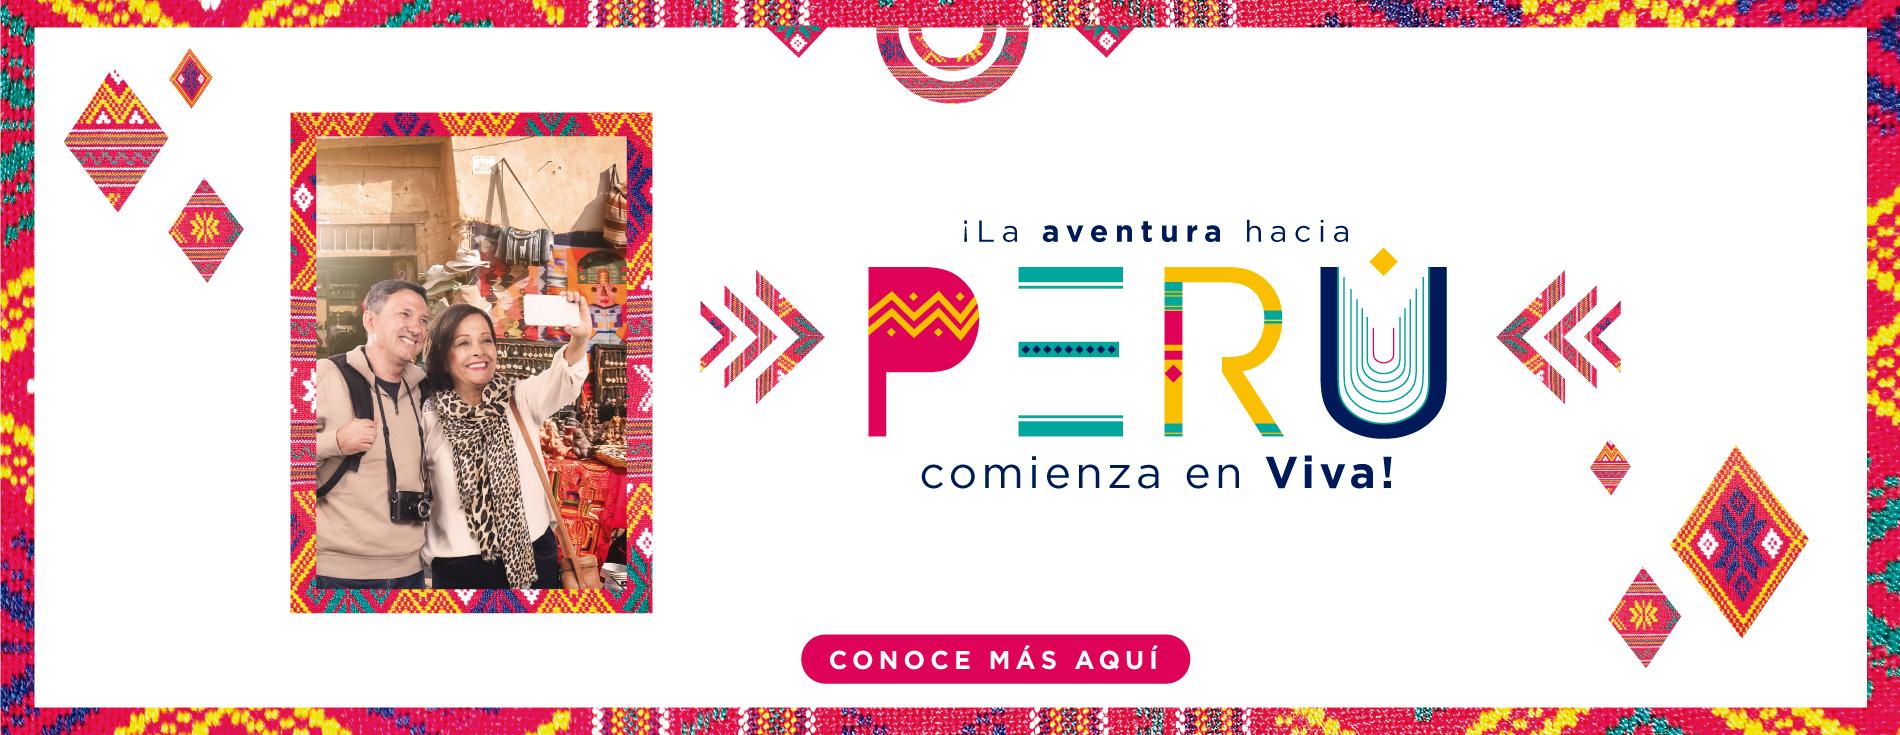 ¡La aventura al Perú comienza en viva! - Tunja